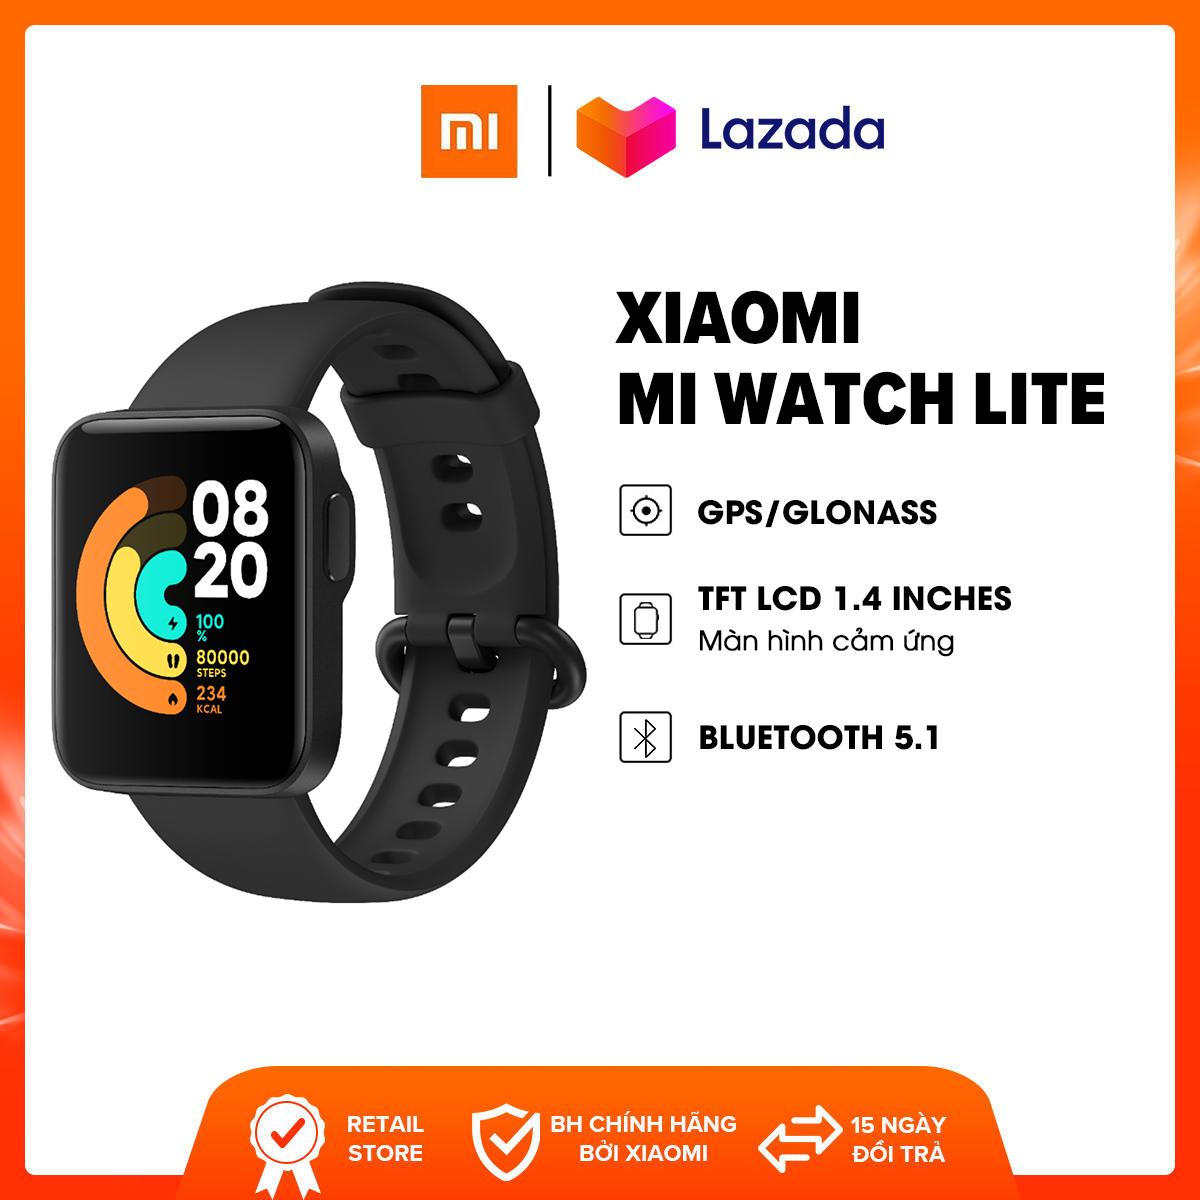 Đồng hồ thông minh Xiaomi Mi Watch Lite l GPS + Glonass l TFT LCD 1.4 inches (320 x 320 pixels), 323PPI l Bluetooth 5.1 l Hỗ trợ 11 chế độ thể thao l Chống nước 5 ATM l HÀNG CHÍNH HÃNG